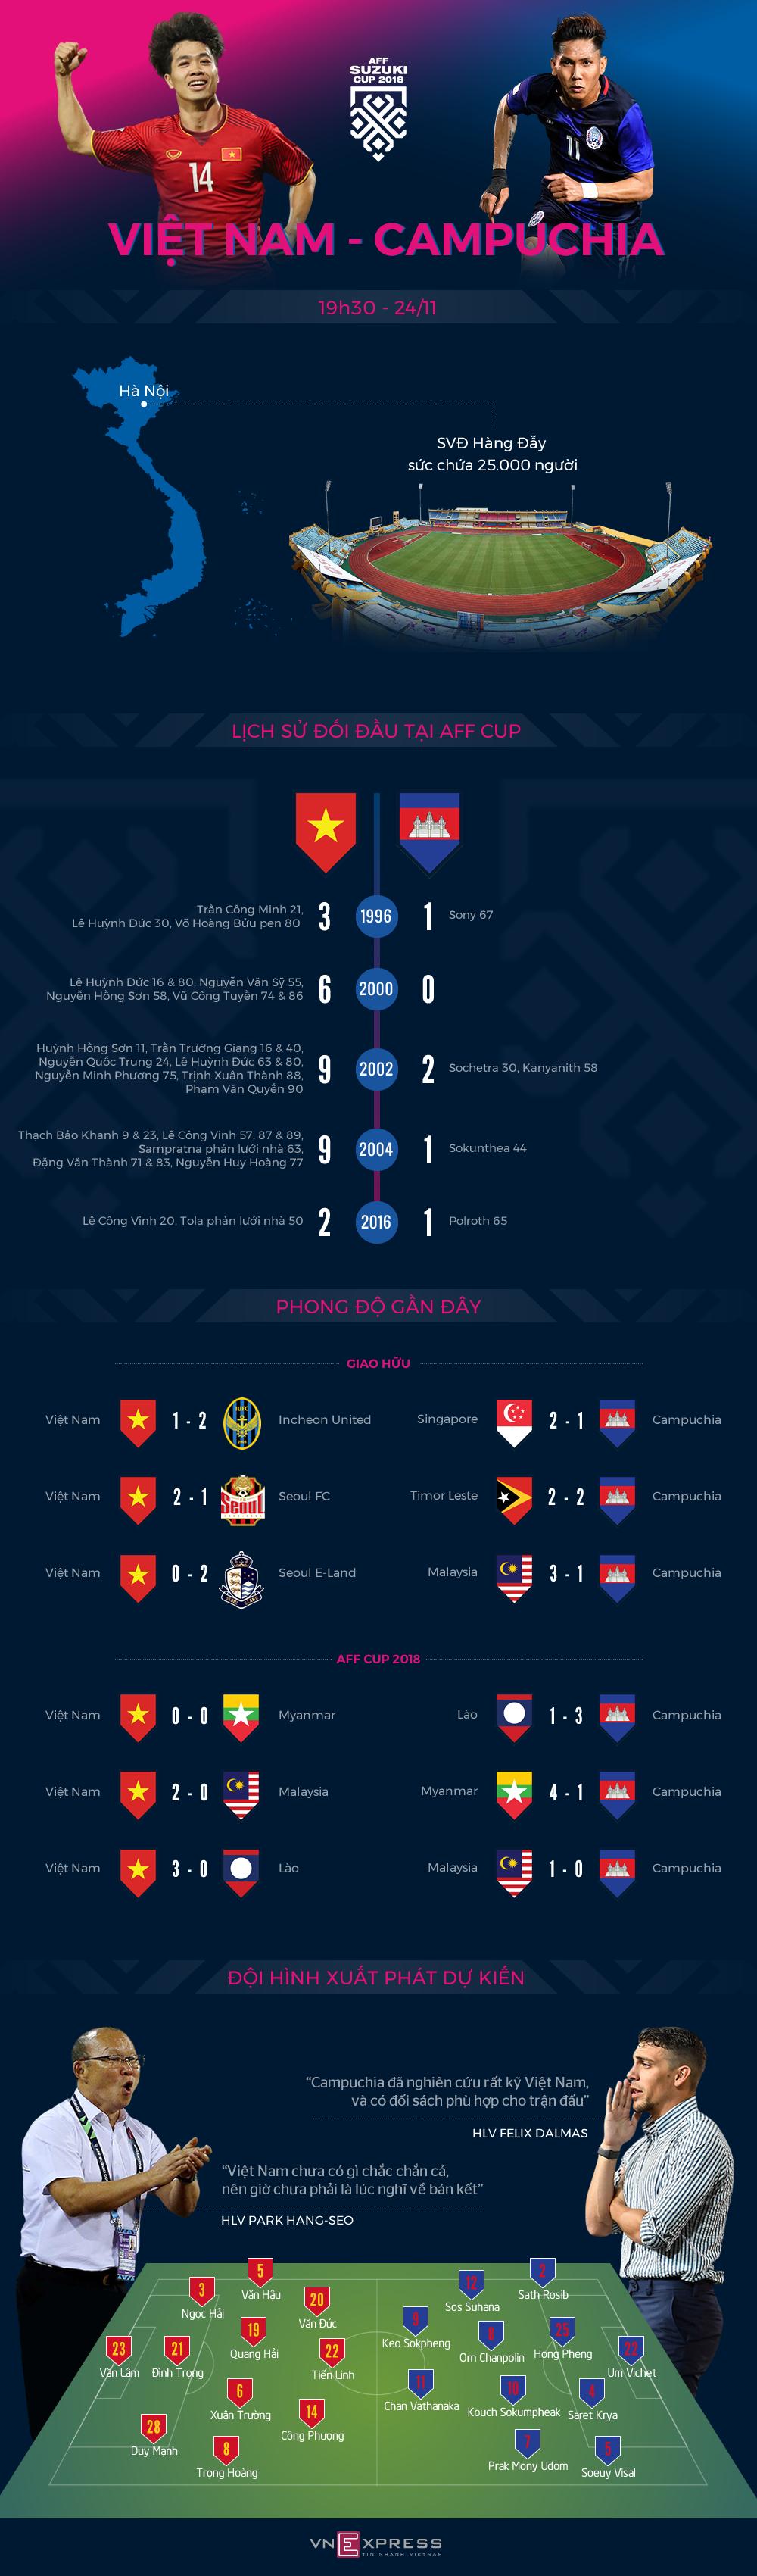 Việt Nam toàn thắng Campuchia tại AFF Cup